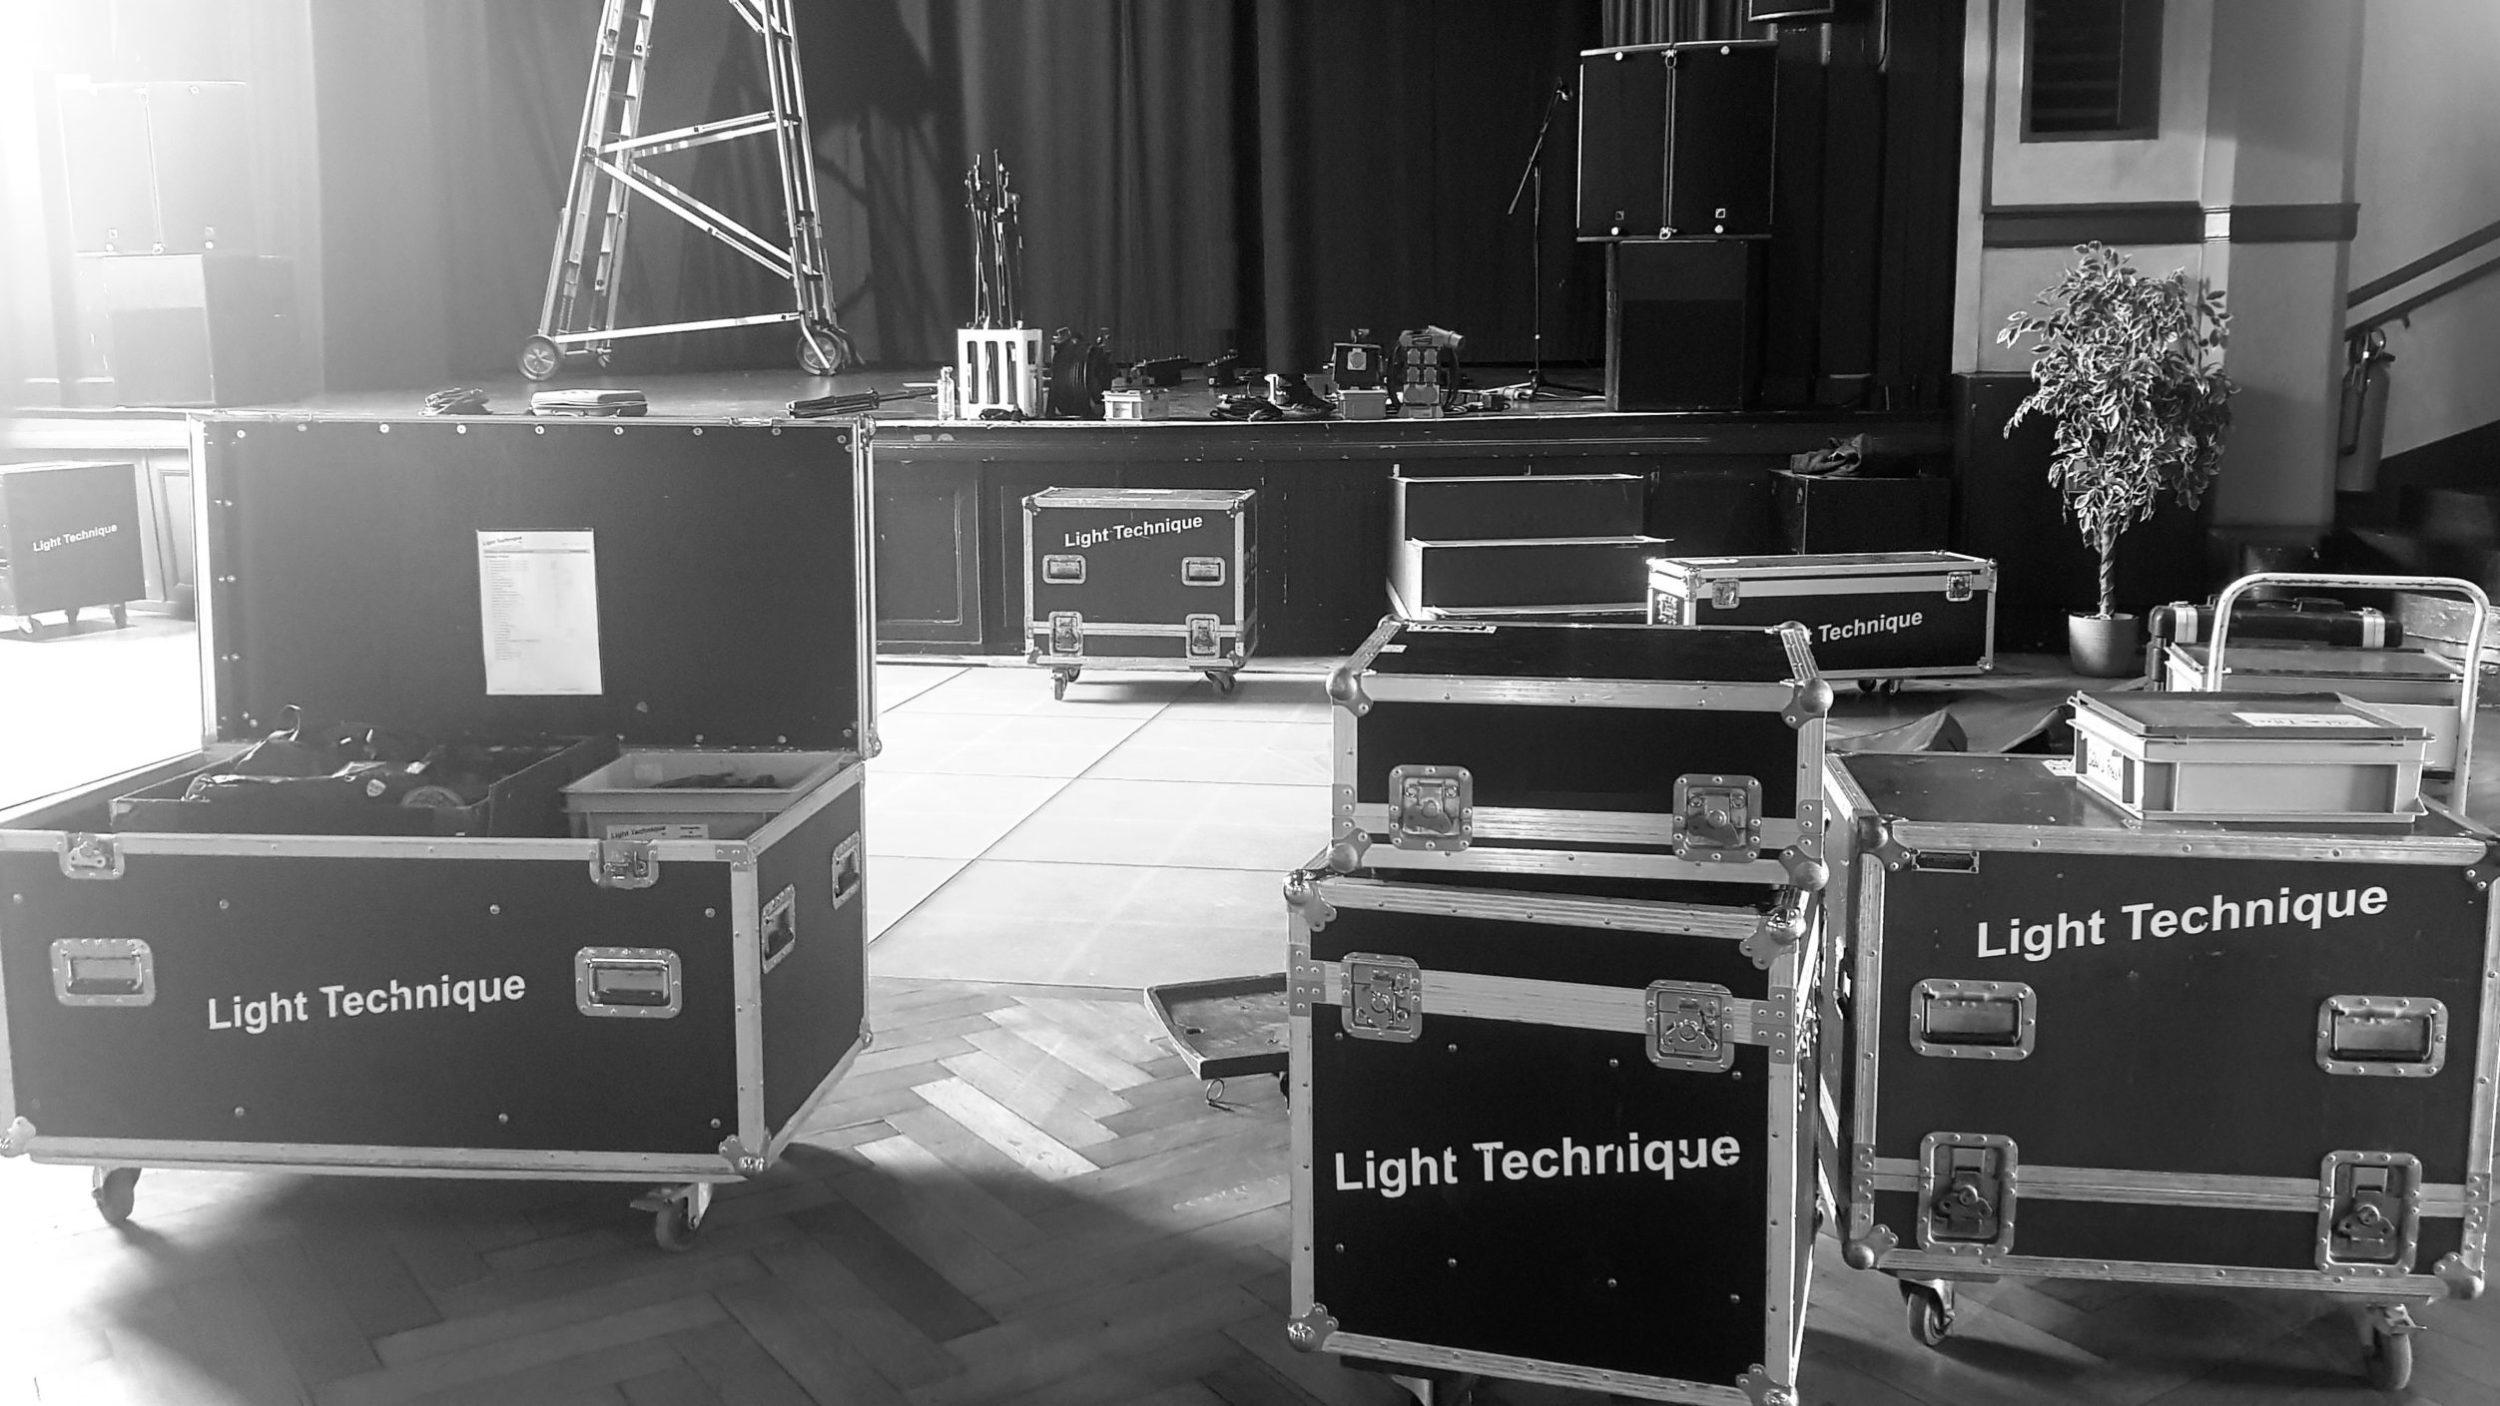 Light Technique